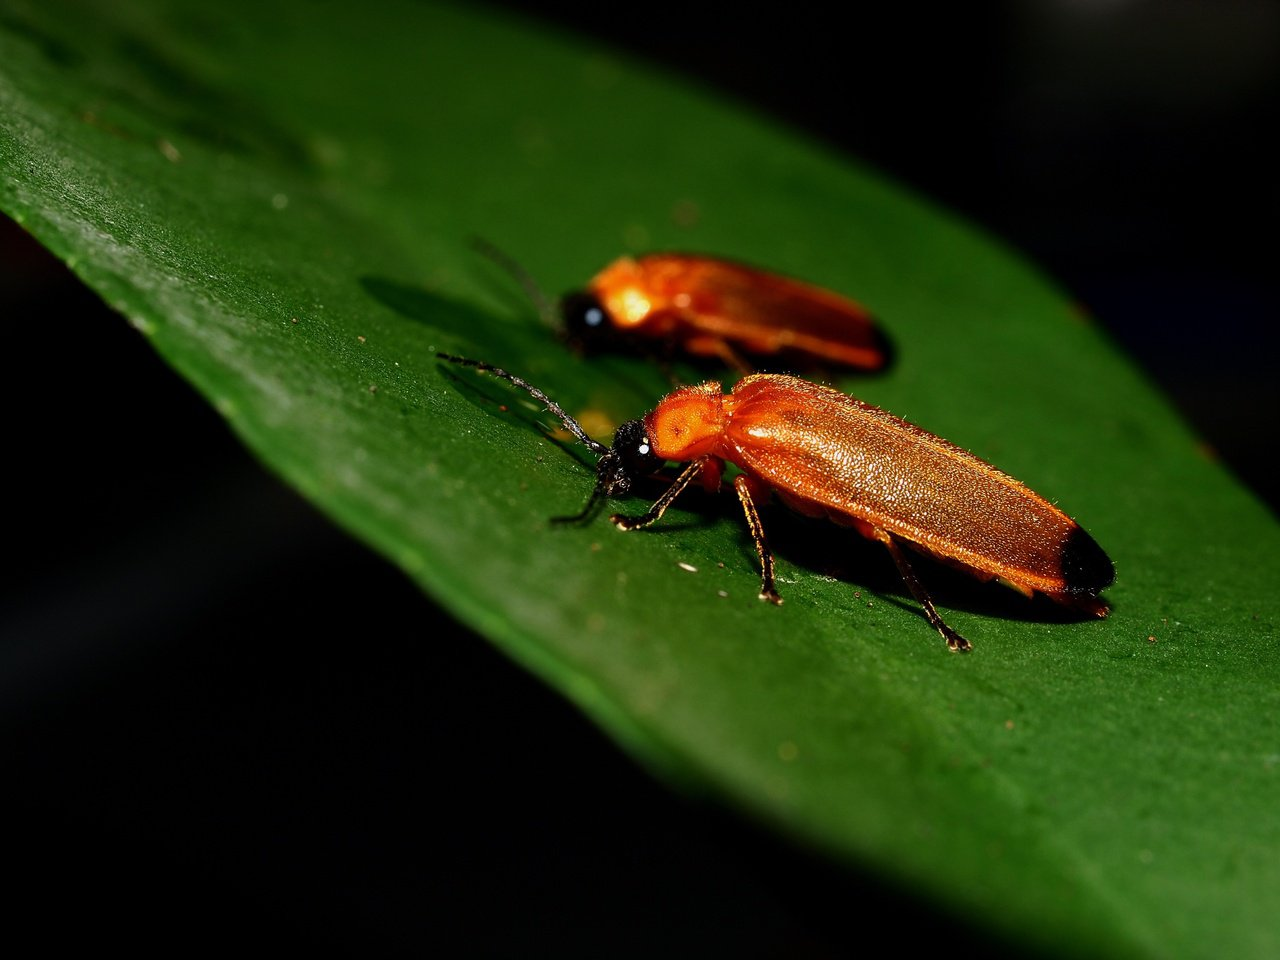 大端黑螢是端黑螢類螢火蟲中最大型的,主要分布在海拔2000公尺以下山區,是相當常...